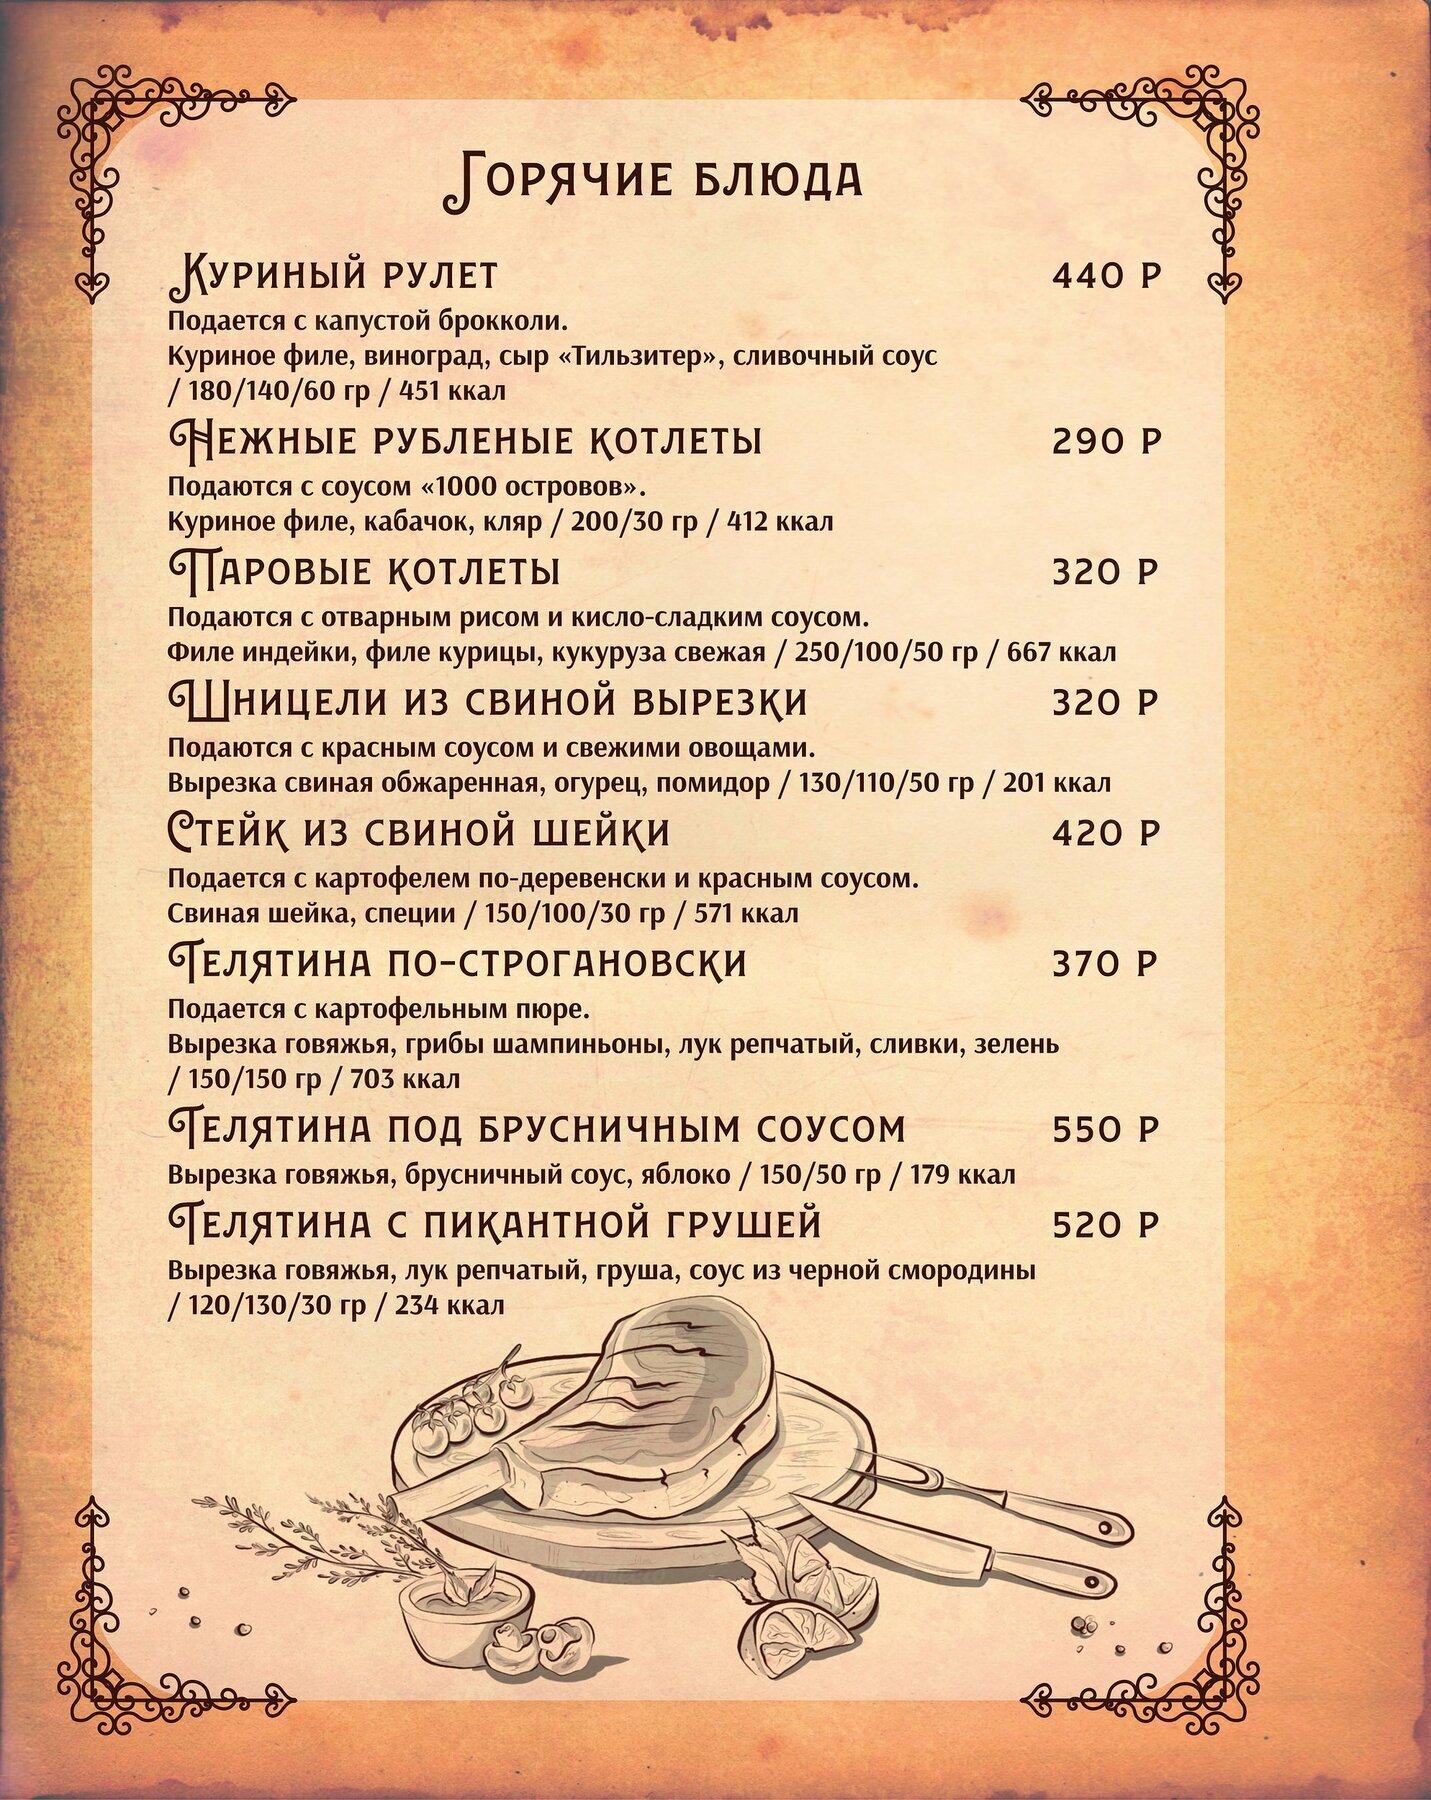 Меню кафе Грильяж на Октябрьской улице фото 8